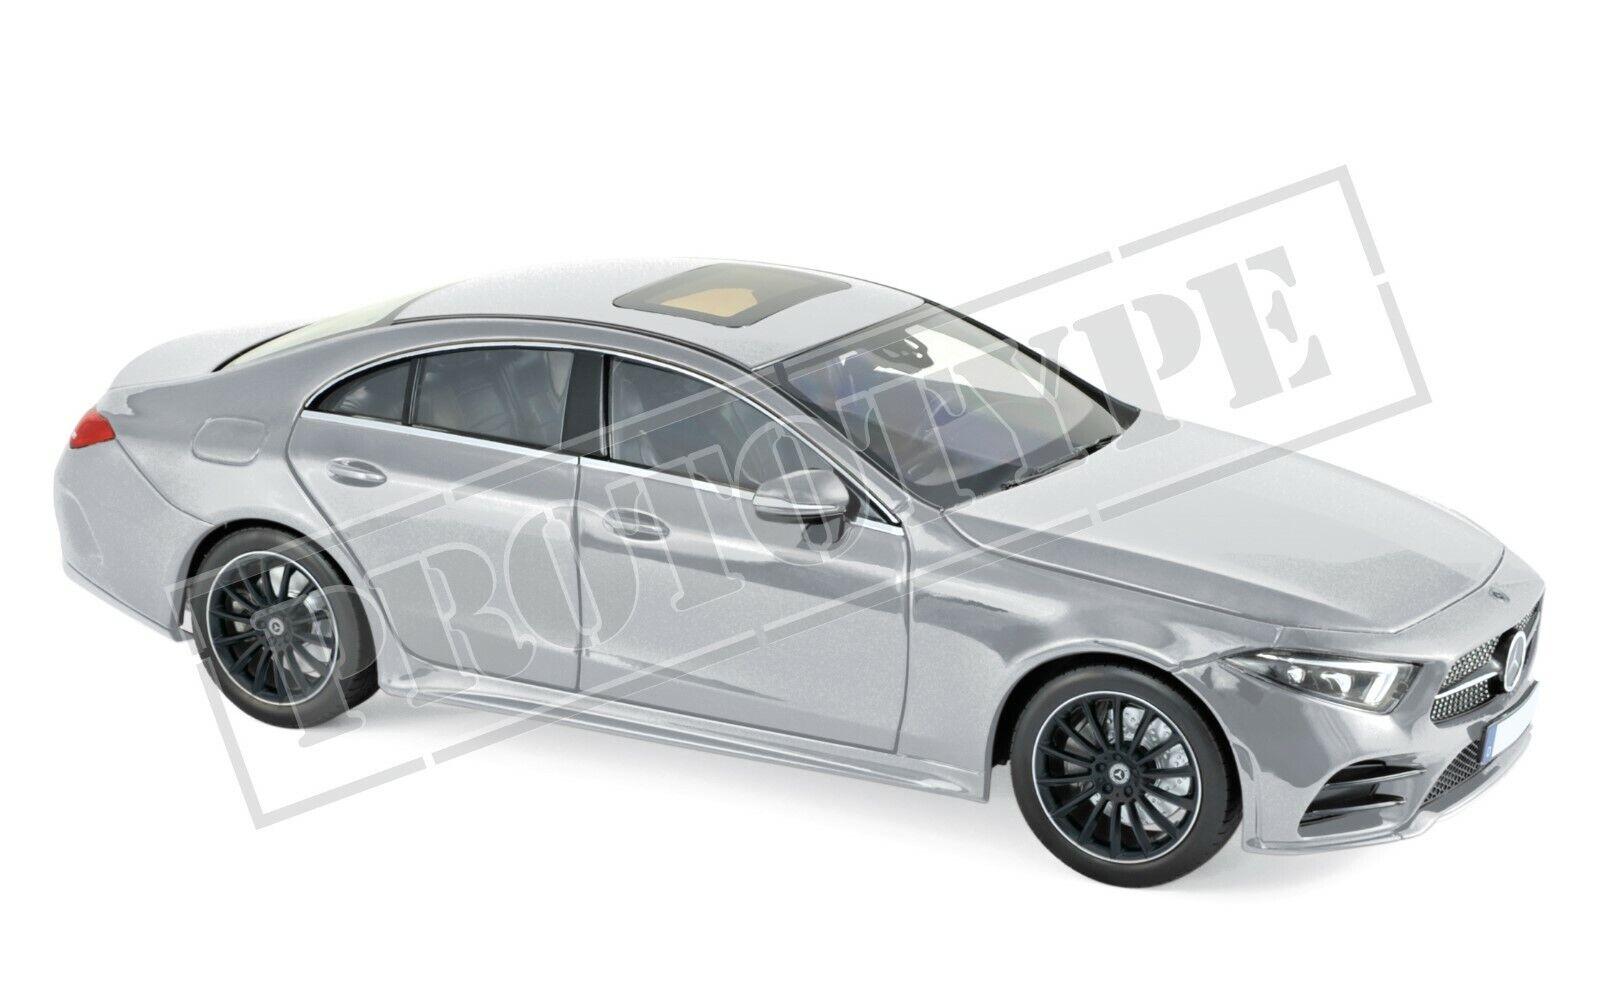 Mercedes CLS-classe (CLASS) 2018 argent 1 18 Norev 183489 NOUVEAU & NEUF dans sa boîte